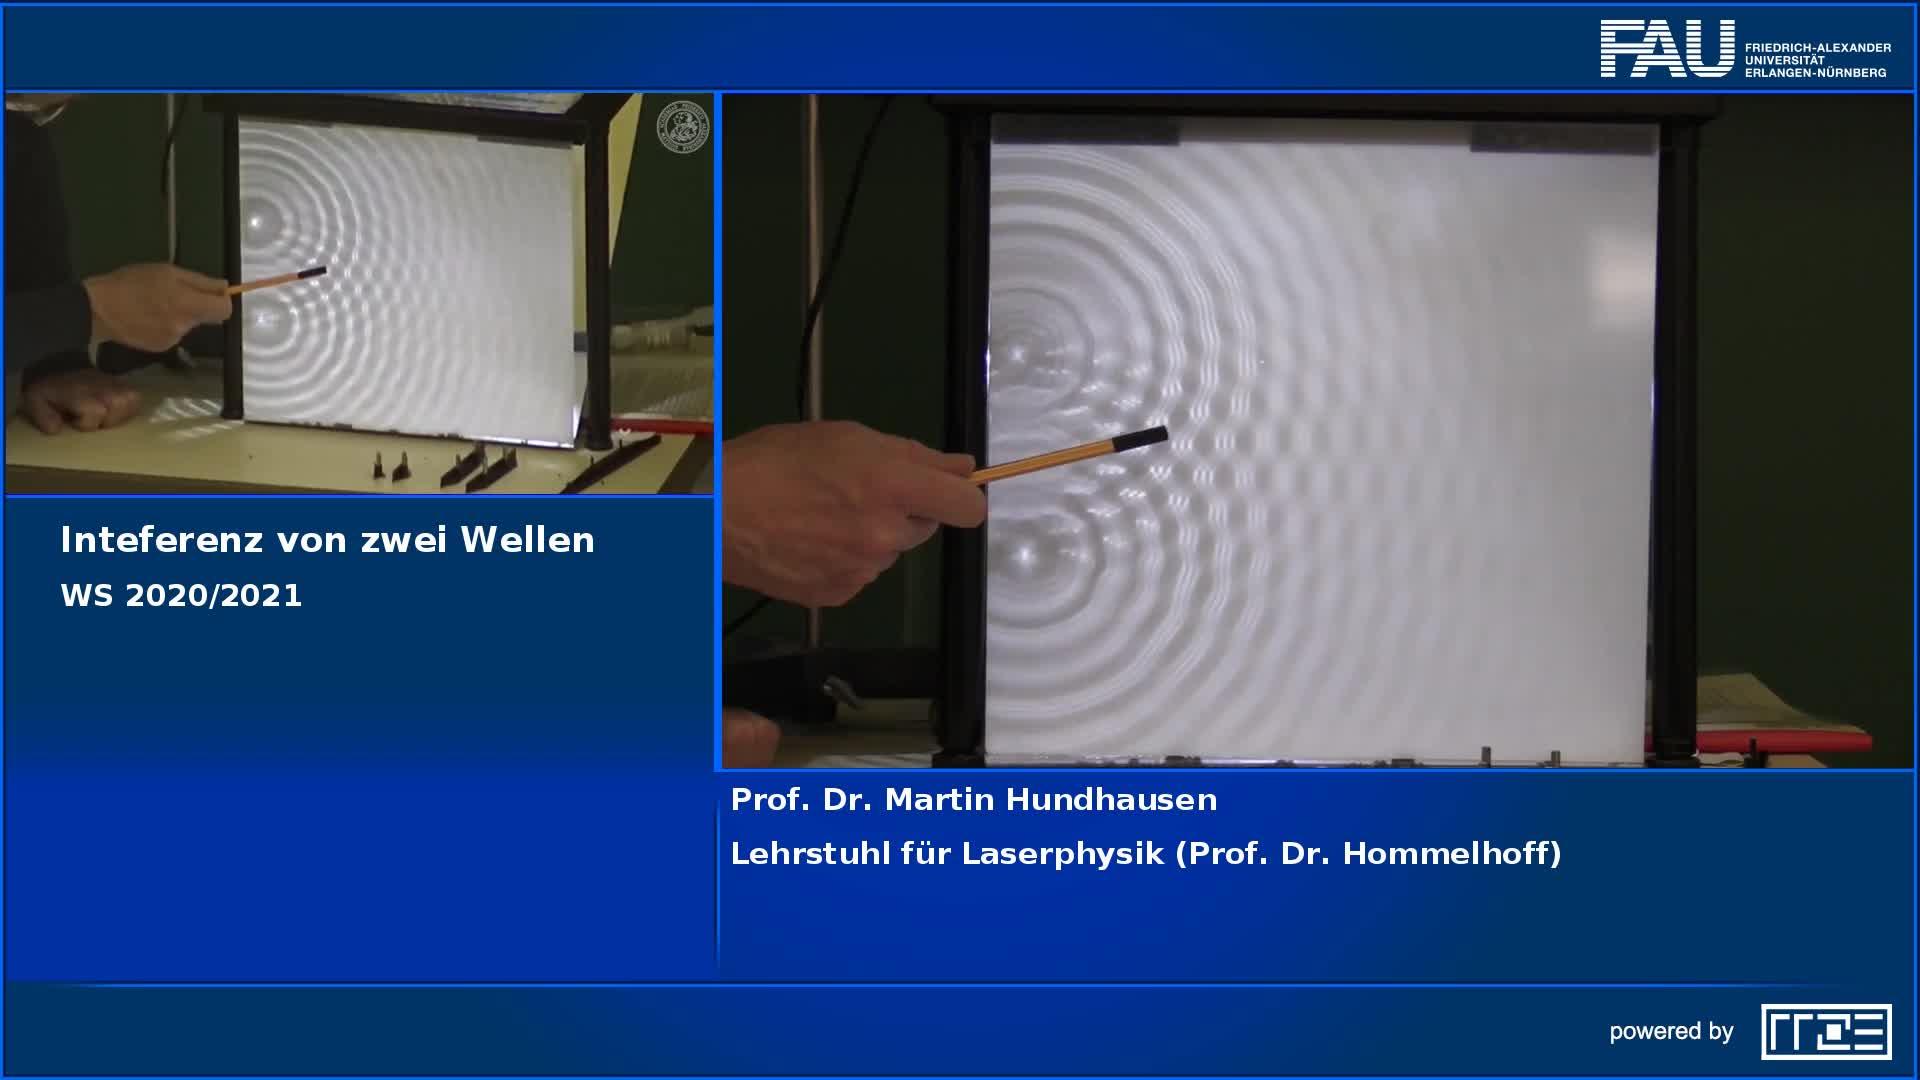 Interferenz zweier Kreiswellen preview image